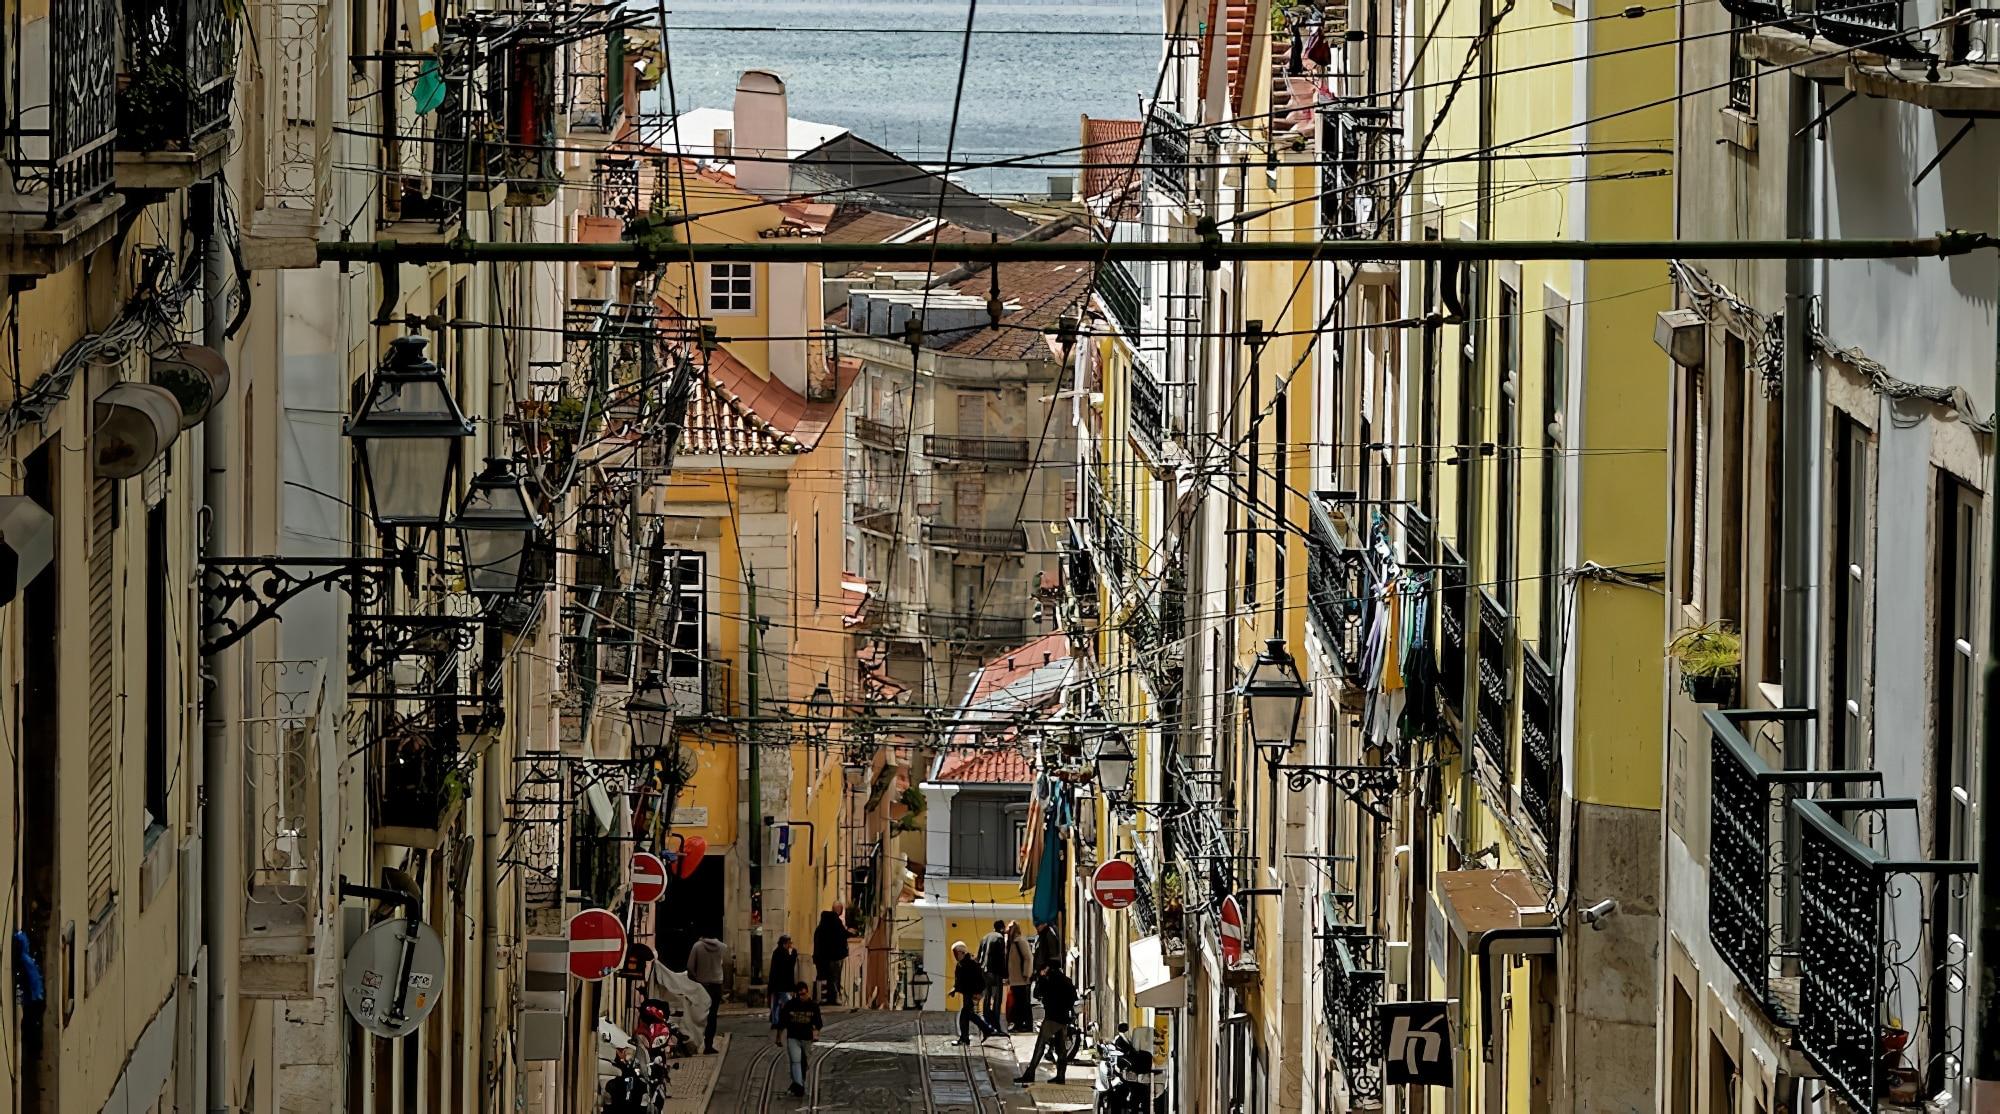 Lisbonne à vélo : locations, visites, pistes cyclables…